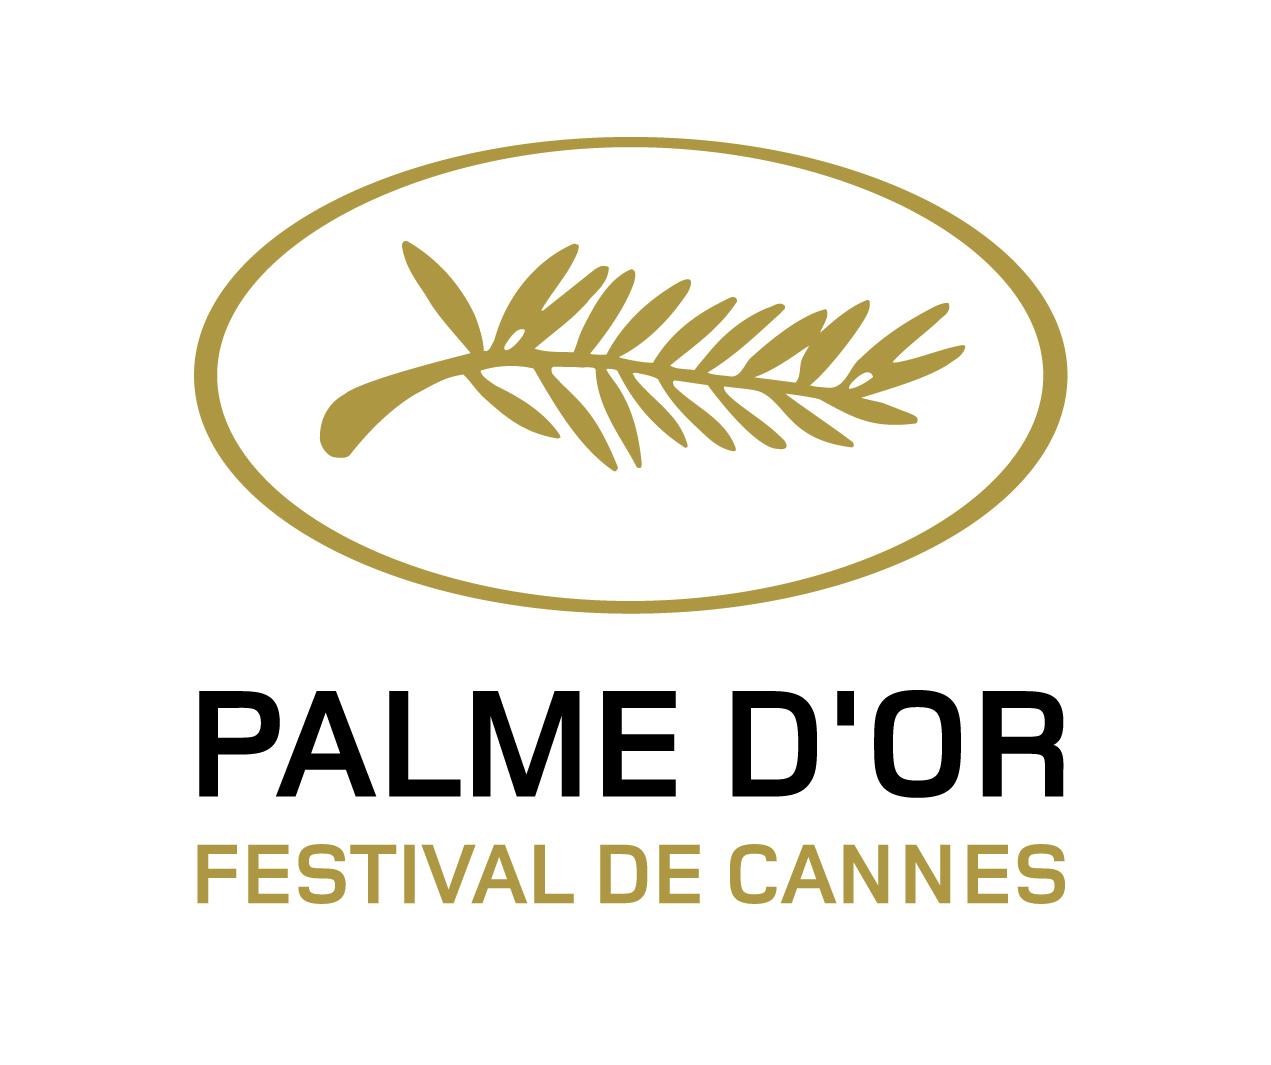 festival de cannes logo png